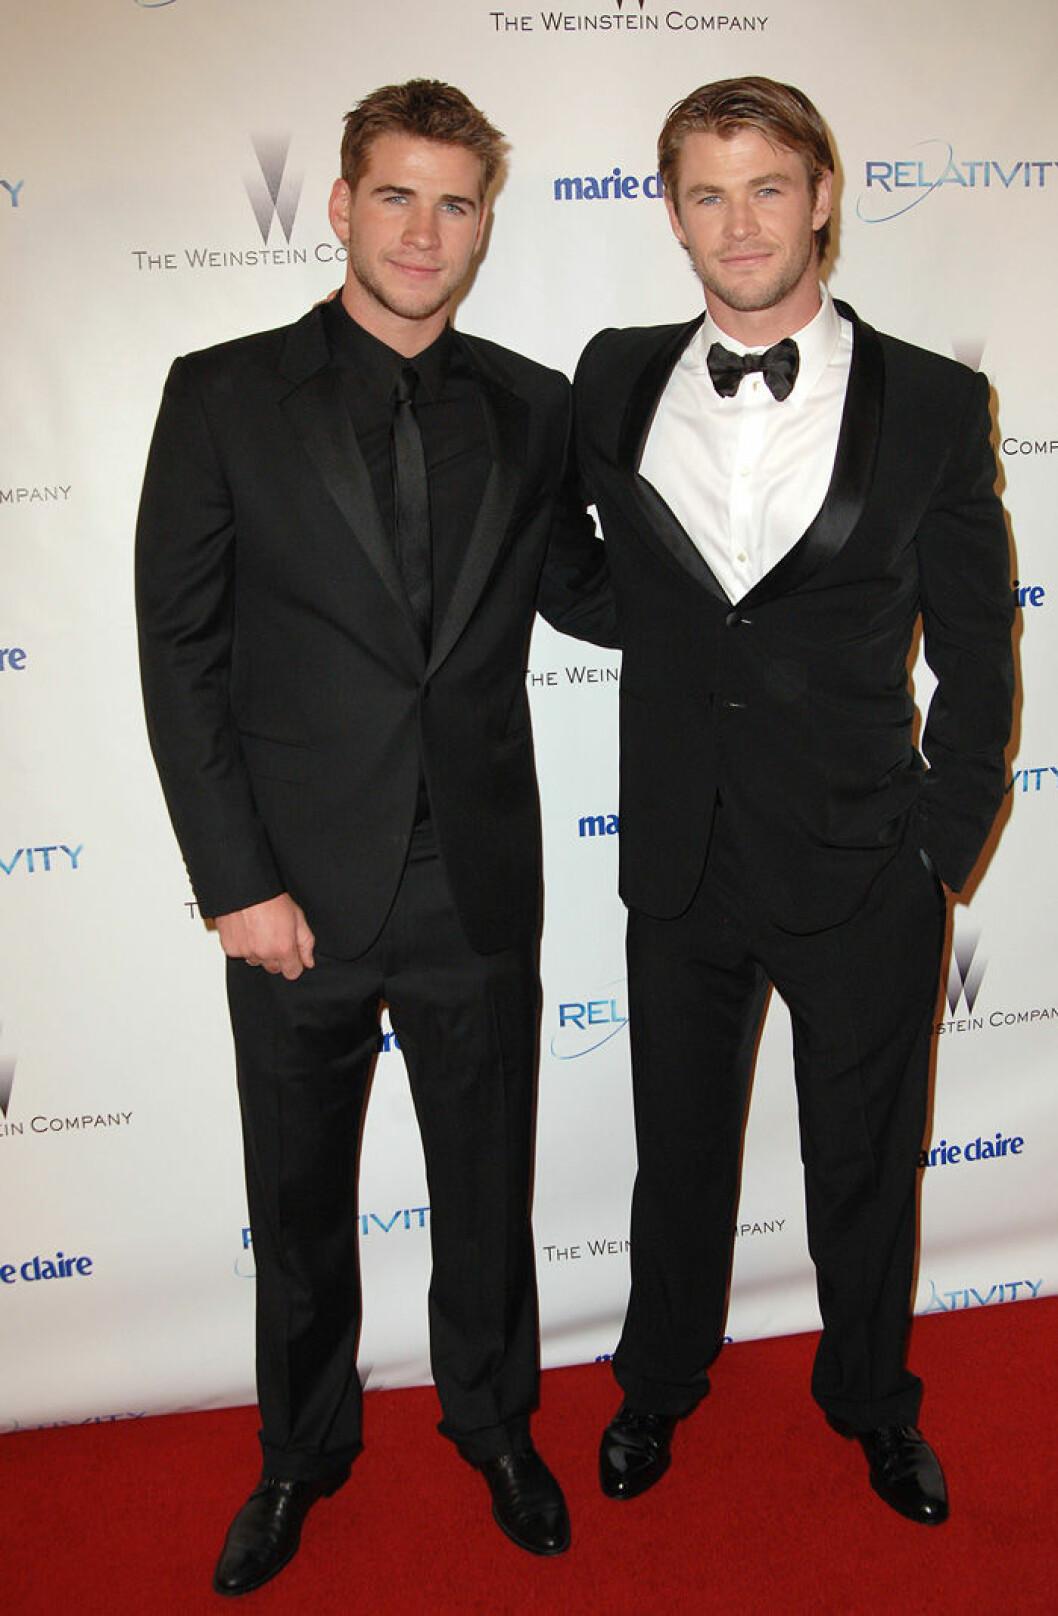 En bild på Liam och Chris Hemsworth på Golden Globe Awards, 2011.